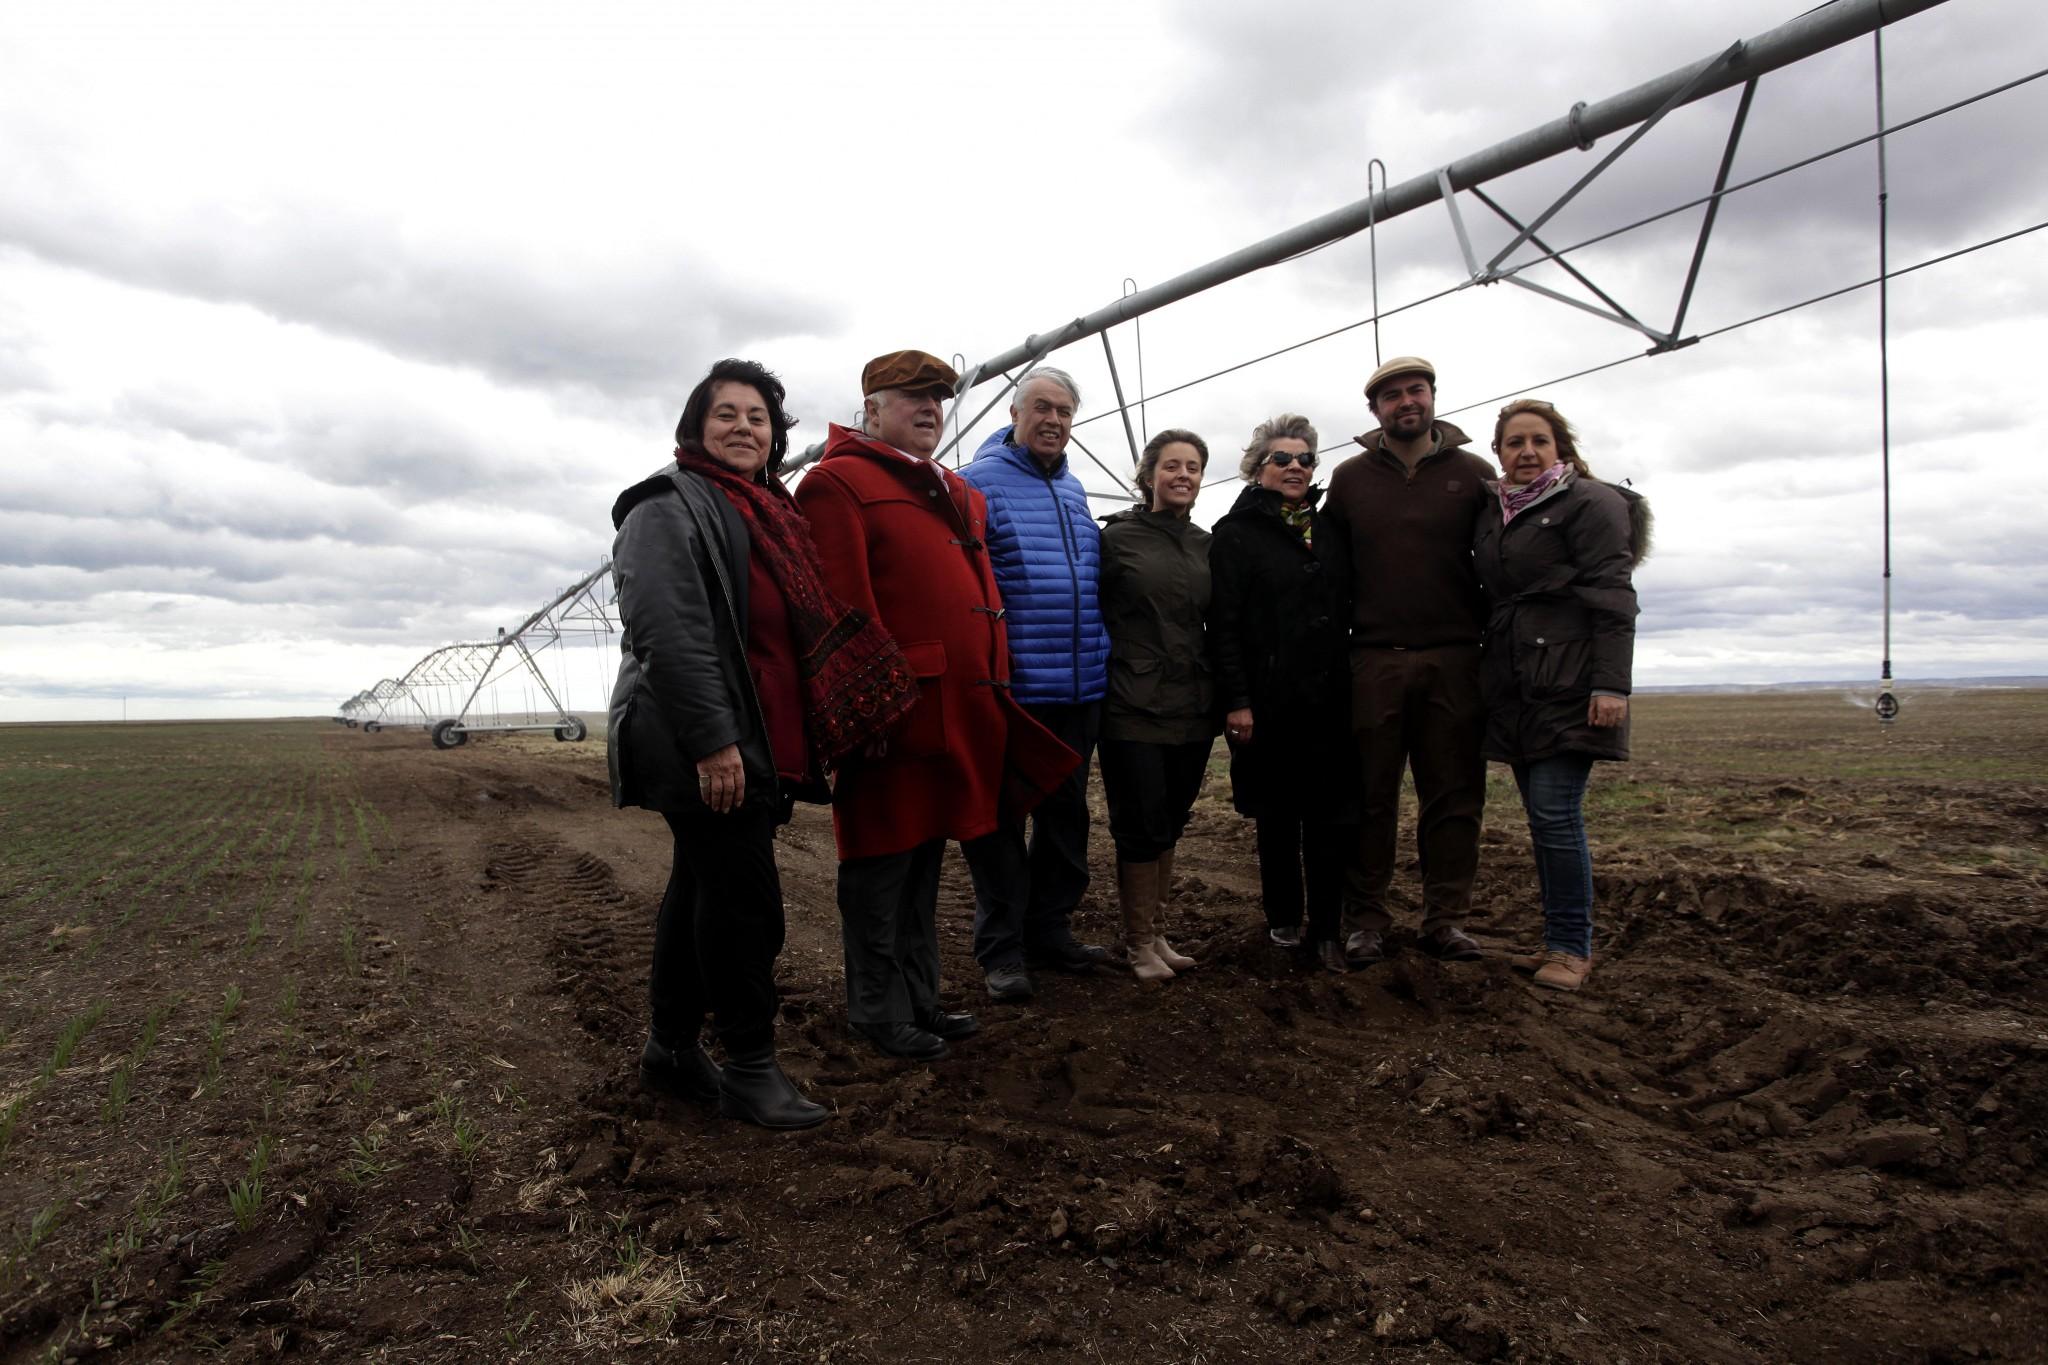 Furche inaugura primer pivote de riego en Tierra del Fuego